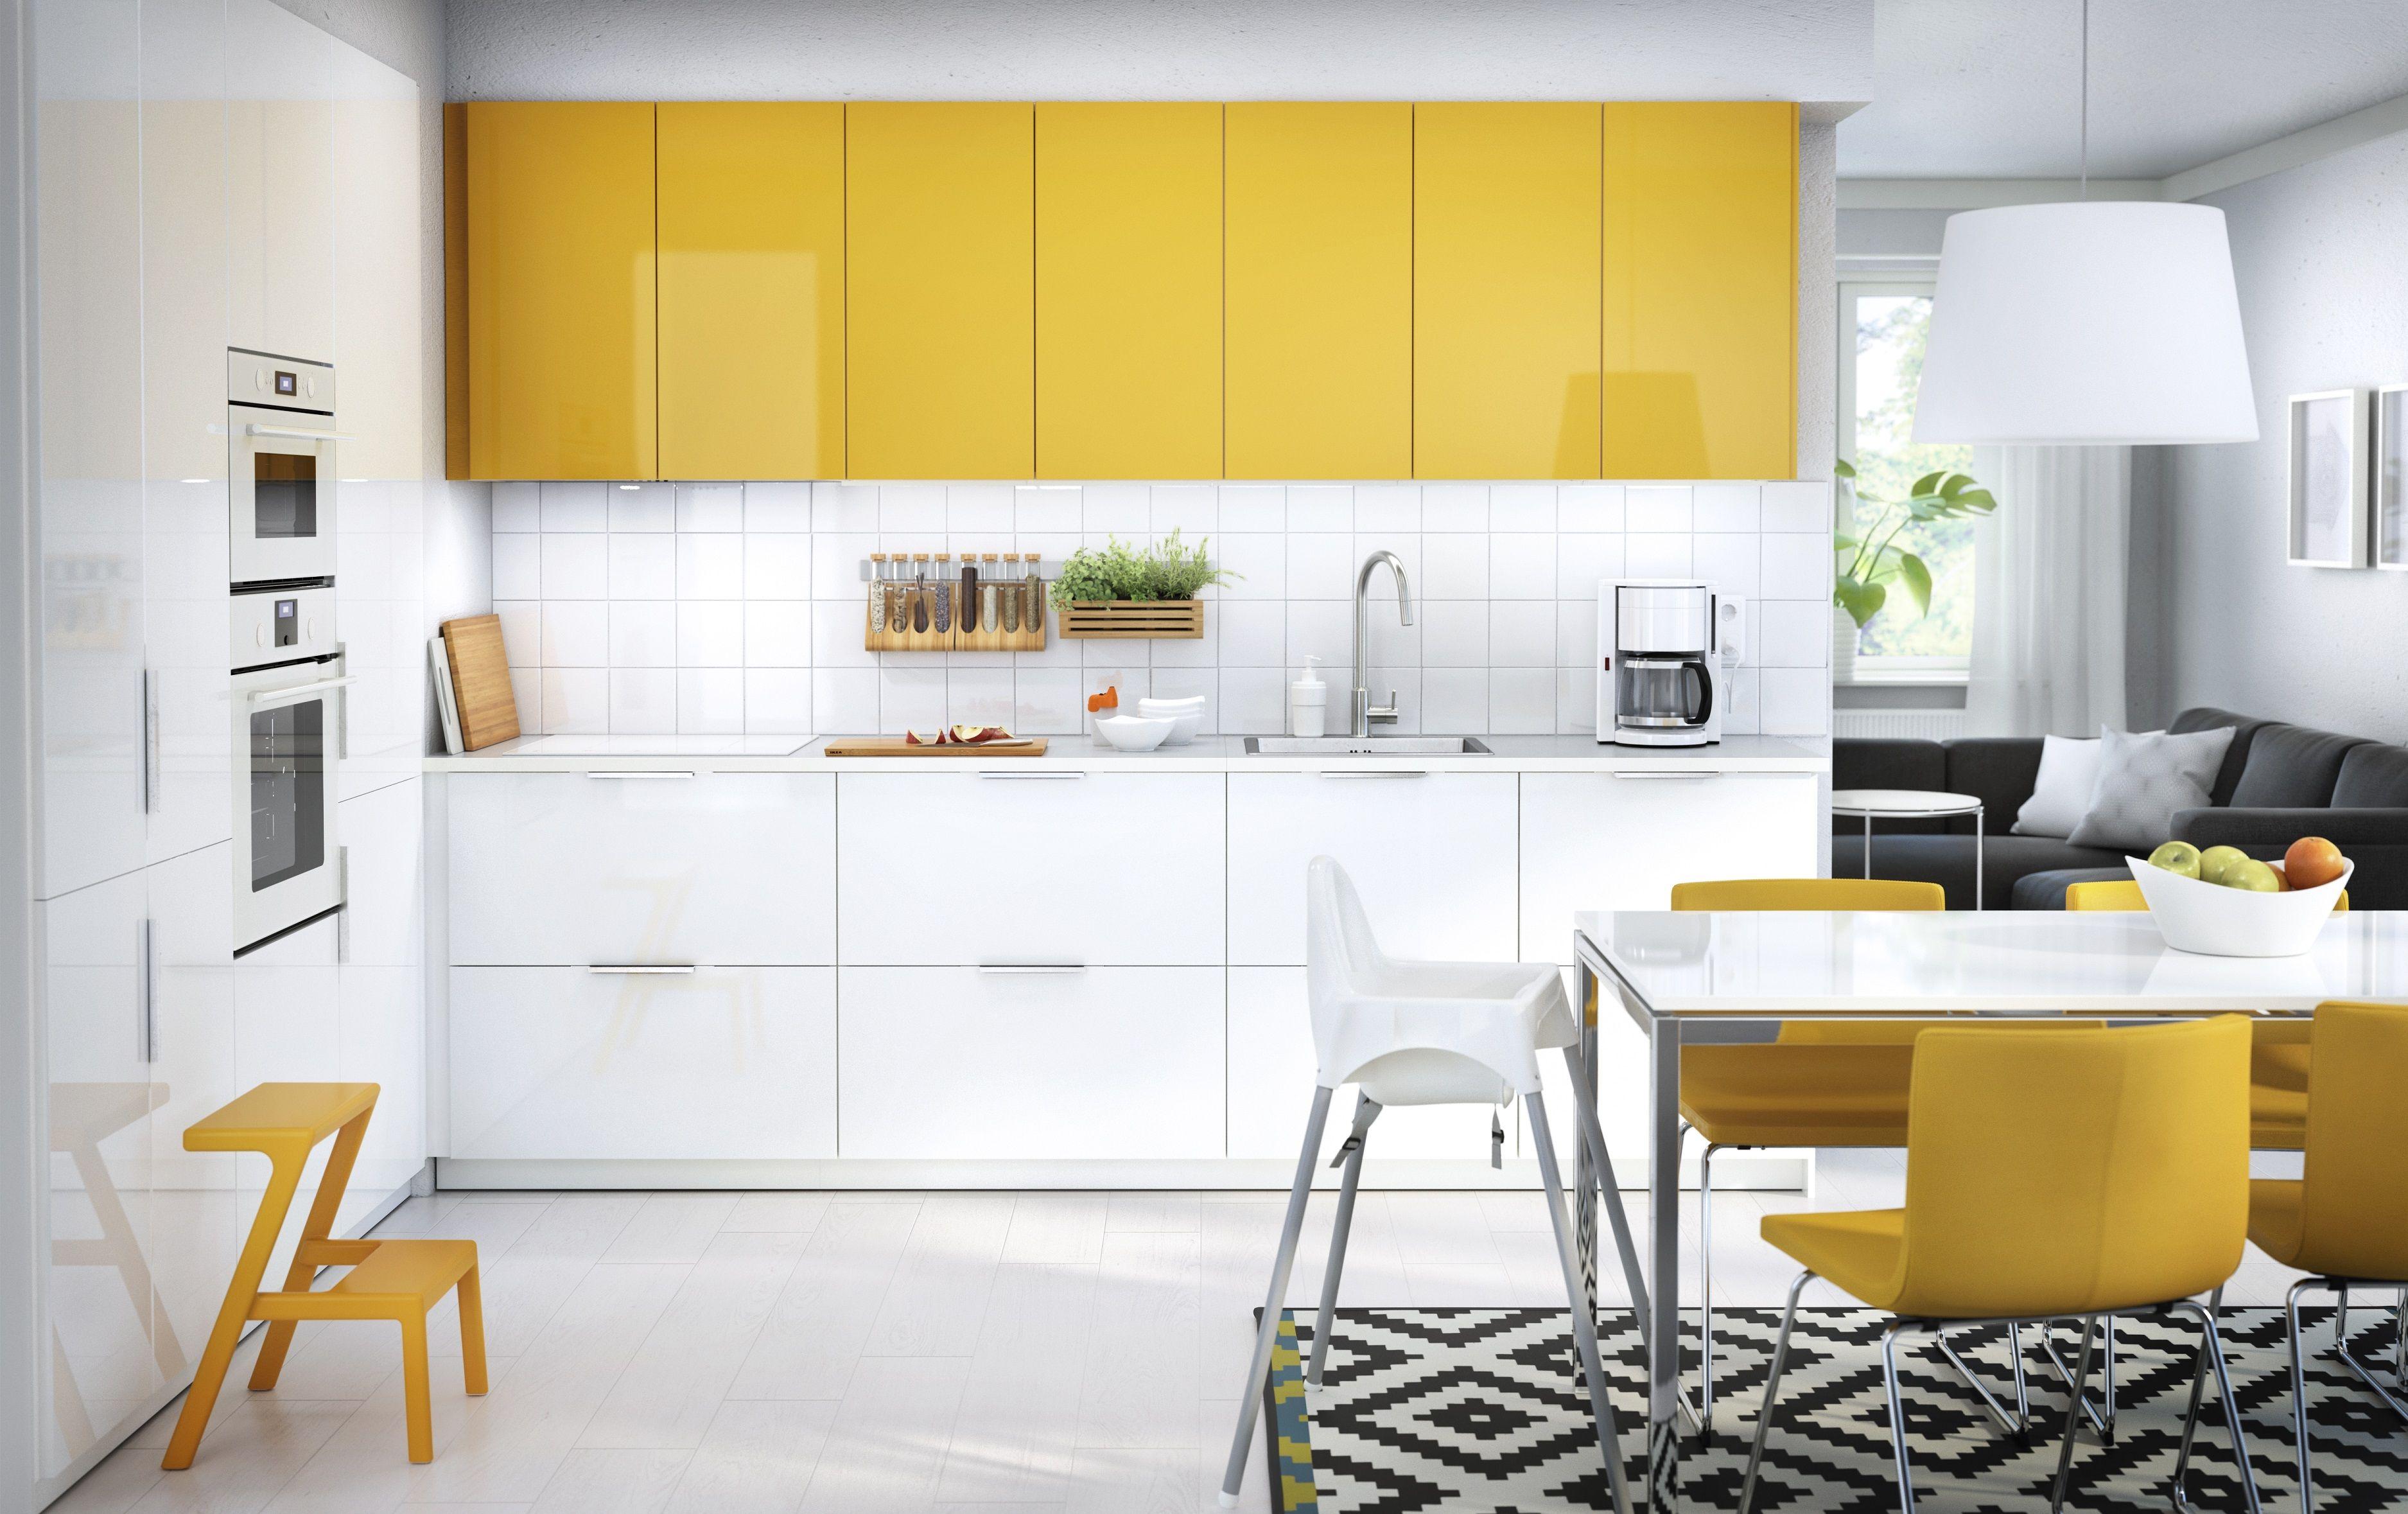 Geel De Keuken : Metod keuken ikea ikeanl geel modern hoogglans wit